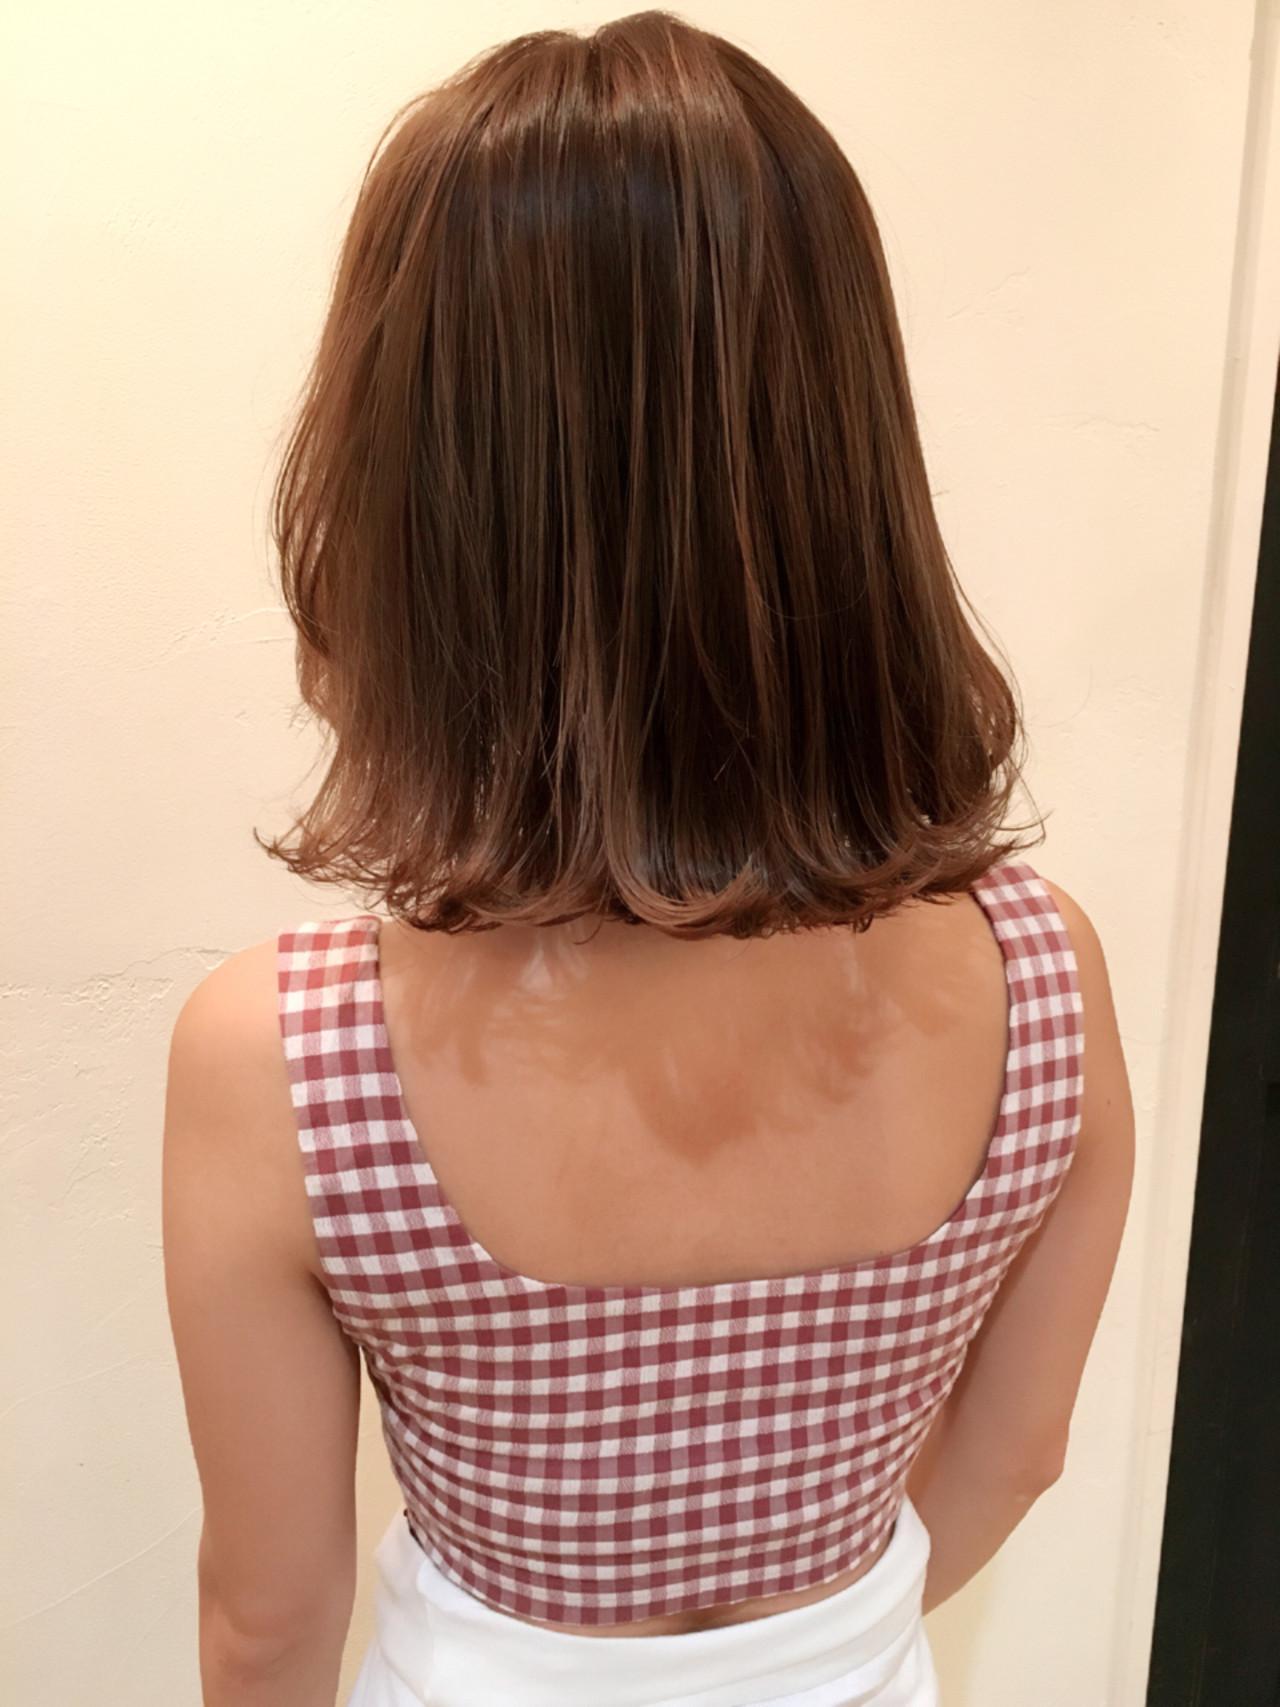 ハイライト 外国人風 ボブ ガーリー ヘアスタイルや髪型の写真・画像